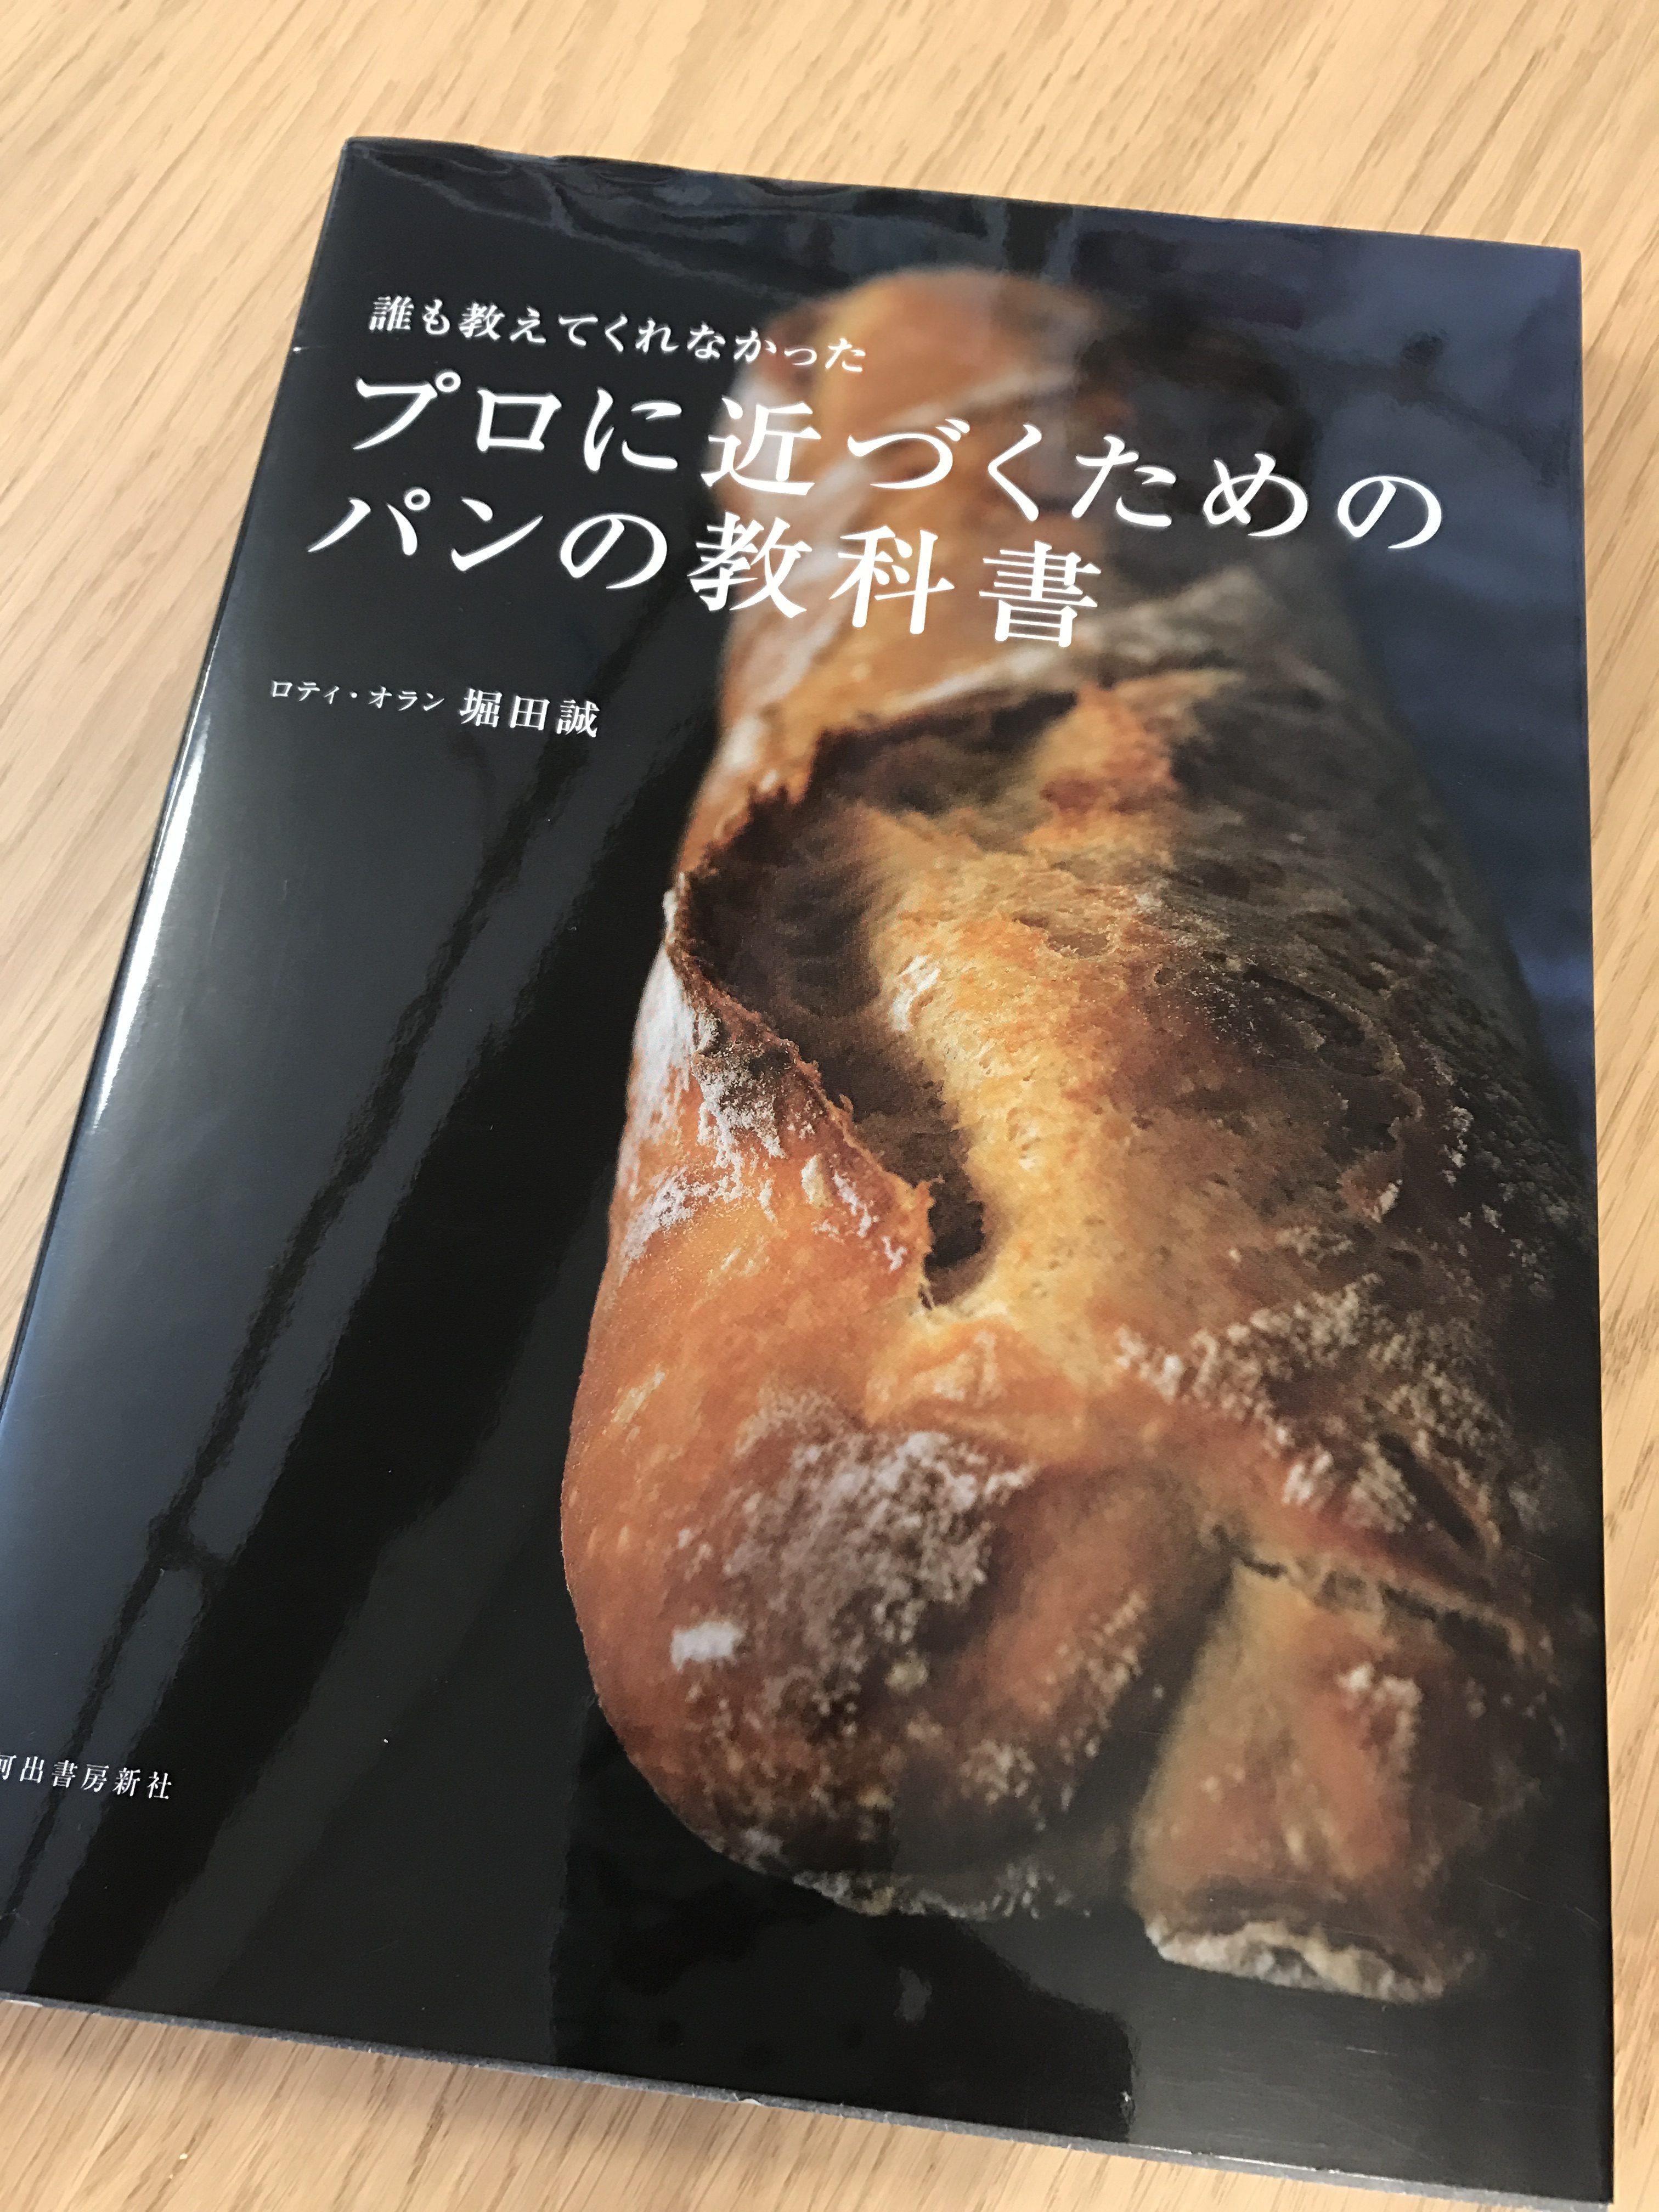 パンの勉強会へ行ってきました